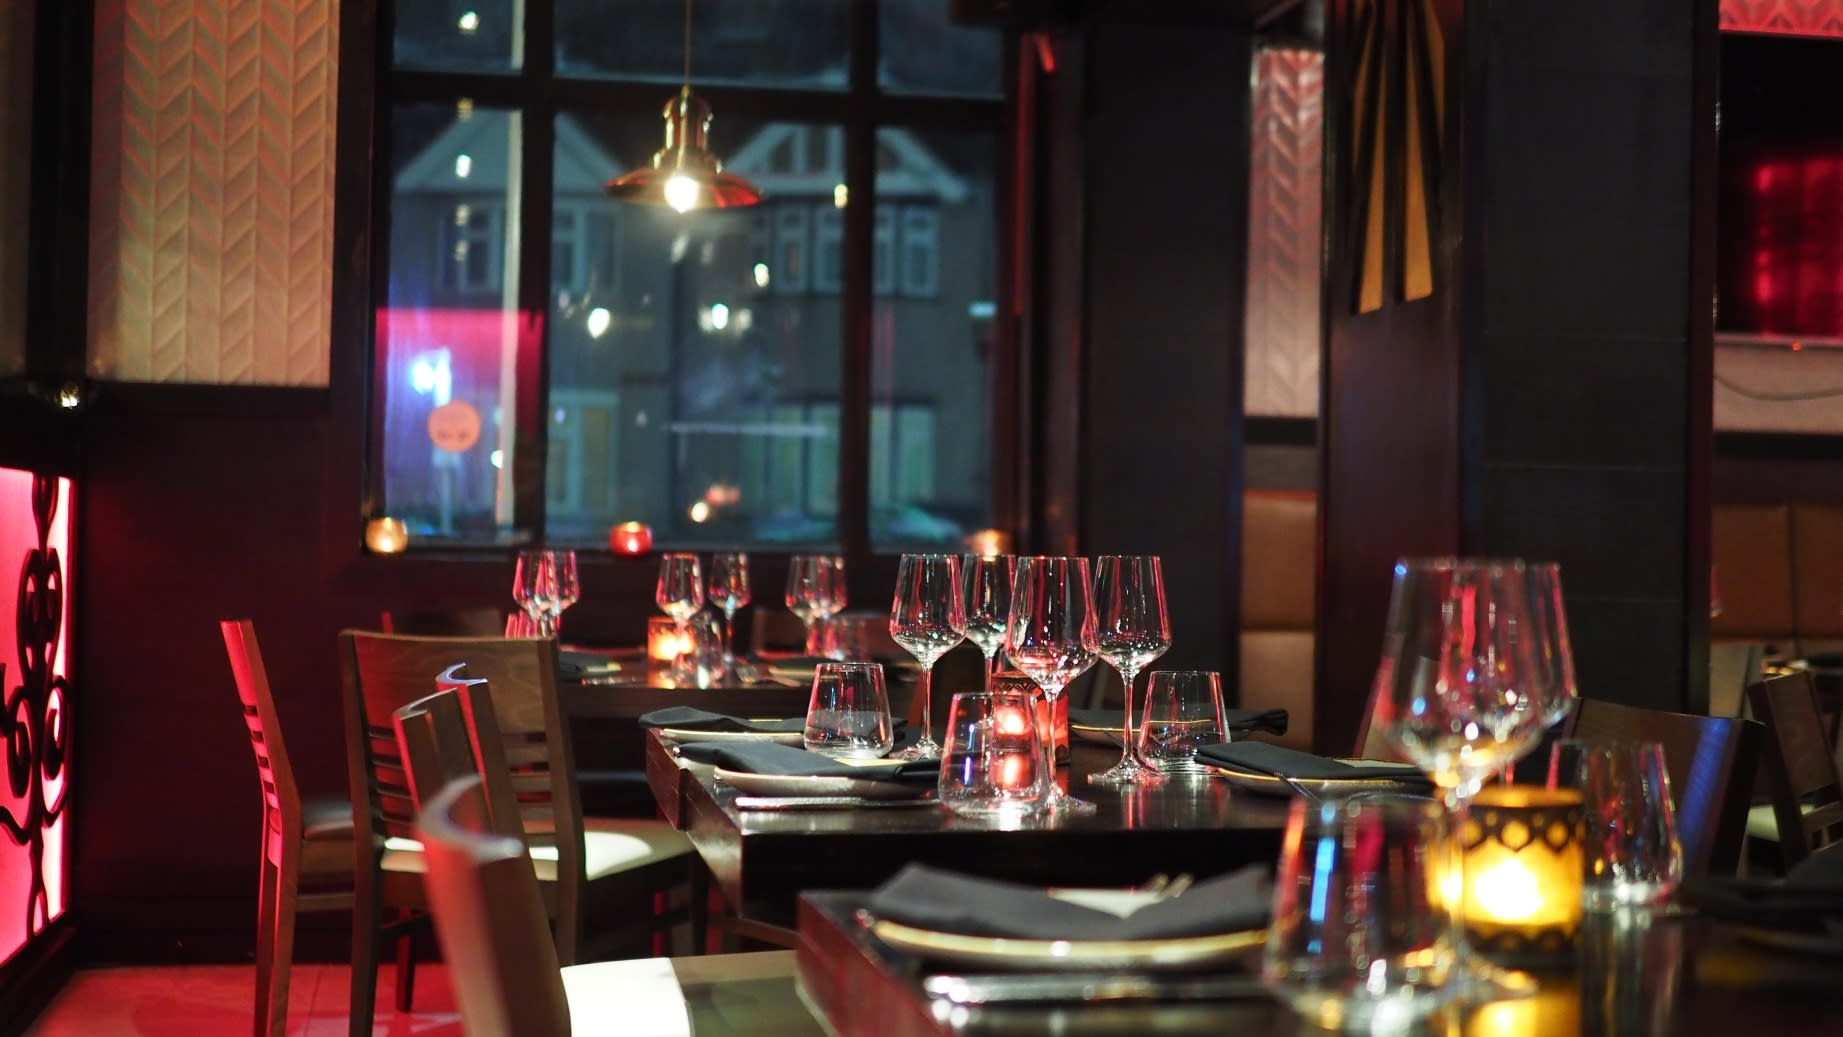 chair-cutlery-diner-restaurant